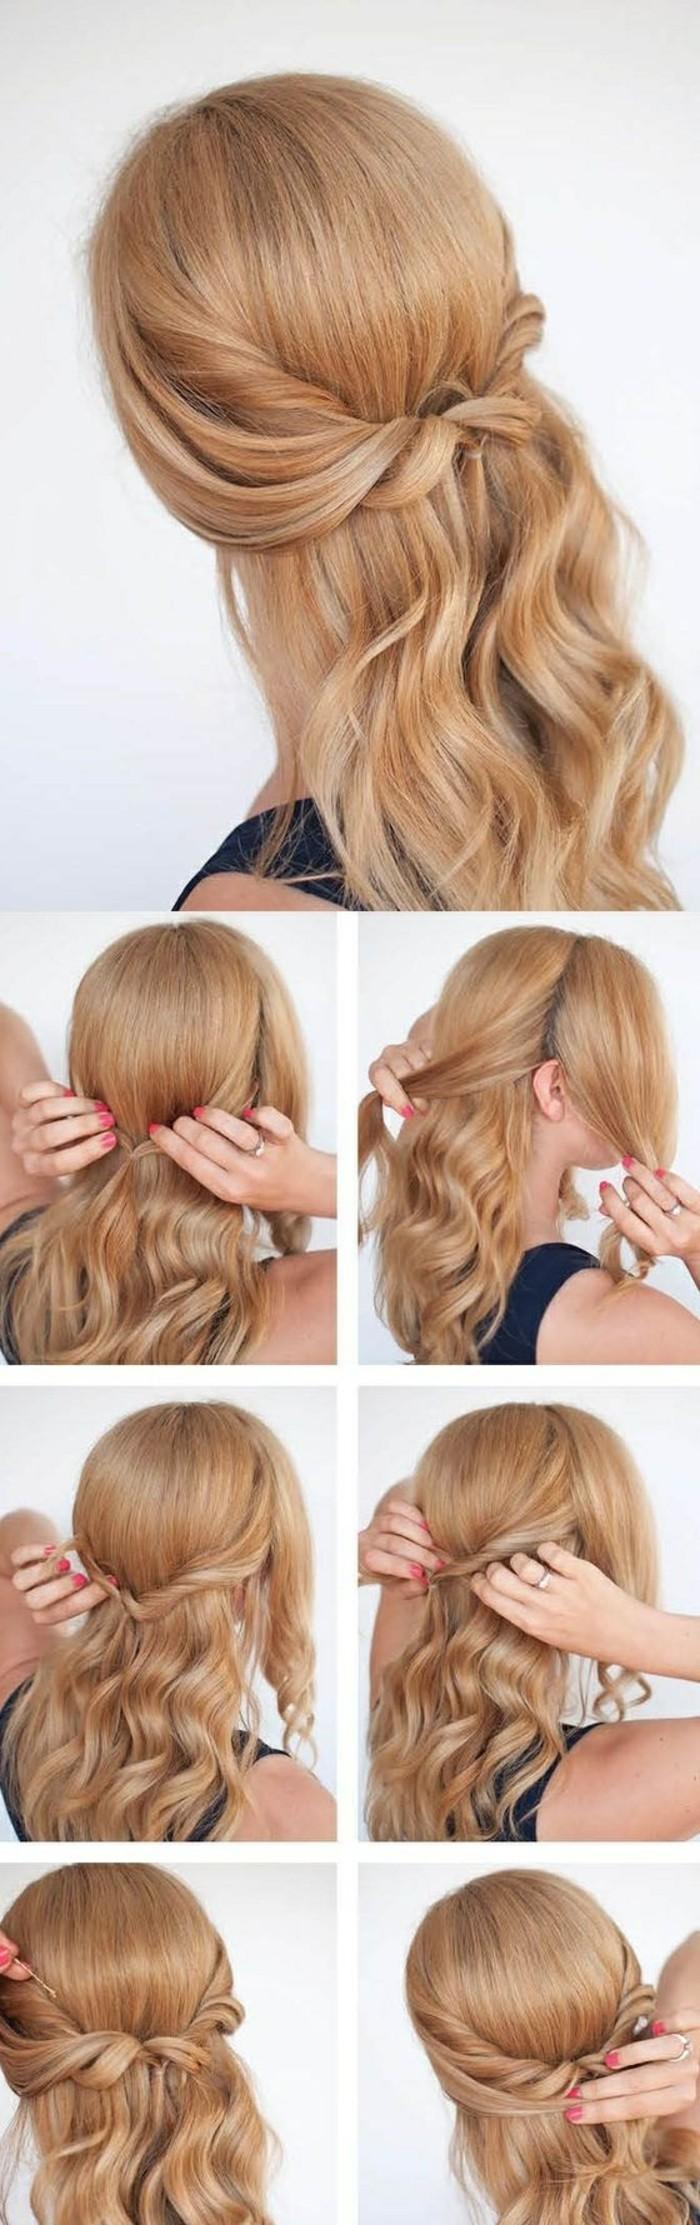 ideas de peinados con trenzas faciles paso a paso, semirecogido con trenza cabello ondulado